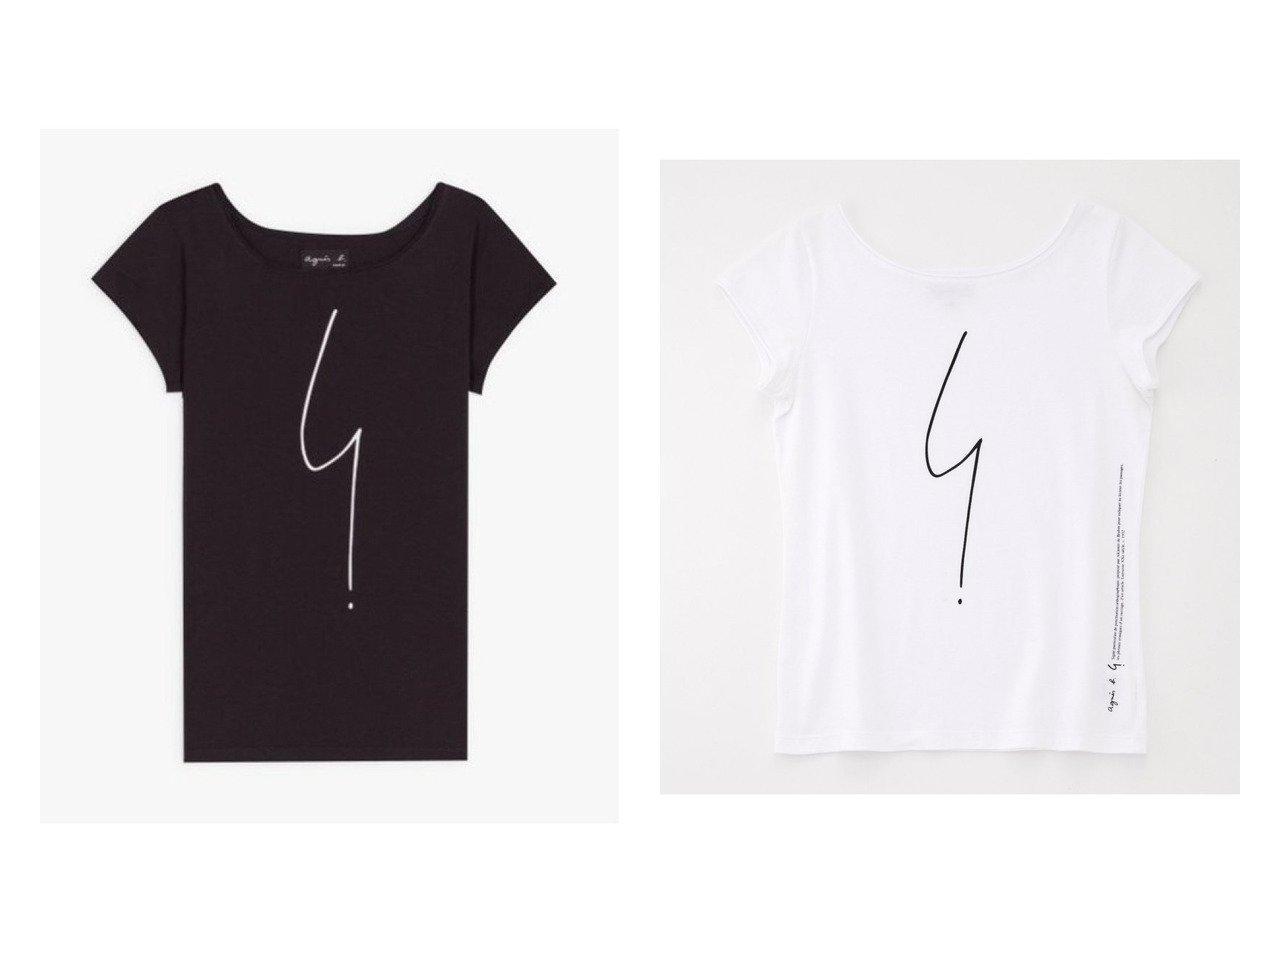 【agnes b. FEMME/アニエスベー ファム】のSE30 TS Tシャツ トップス・カットソーのおすすめ!人気、トレンド・レディースファッションの通販 おすすめで人気の流行・トレンド、ファッションの通販商品 メンズファッション・キッズファッション・インテリア・家具・レディースファッション・服の通販 founy(ファニー) https://founy.com/ ファッション Fashion レディースファッション WOMEN トップス カットソー Tops Tshirt シャツ/ブラウス Shirts Blouses ロング / Tシャツ T-Shirts カットソー Cut and Sewn カットソー フランス プリント 半袖  ID:crp329100000022955